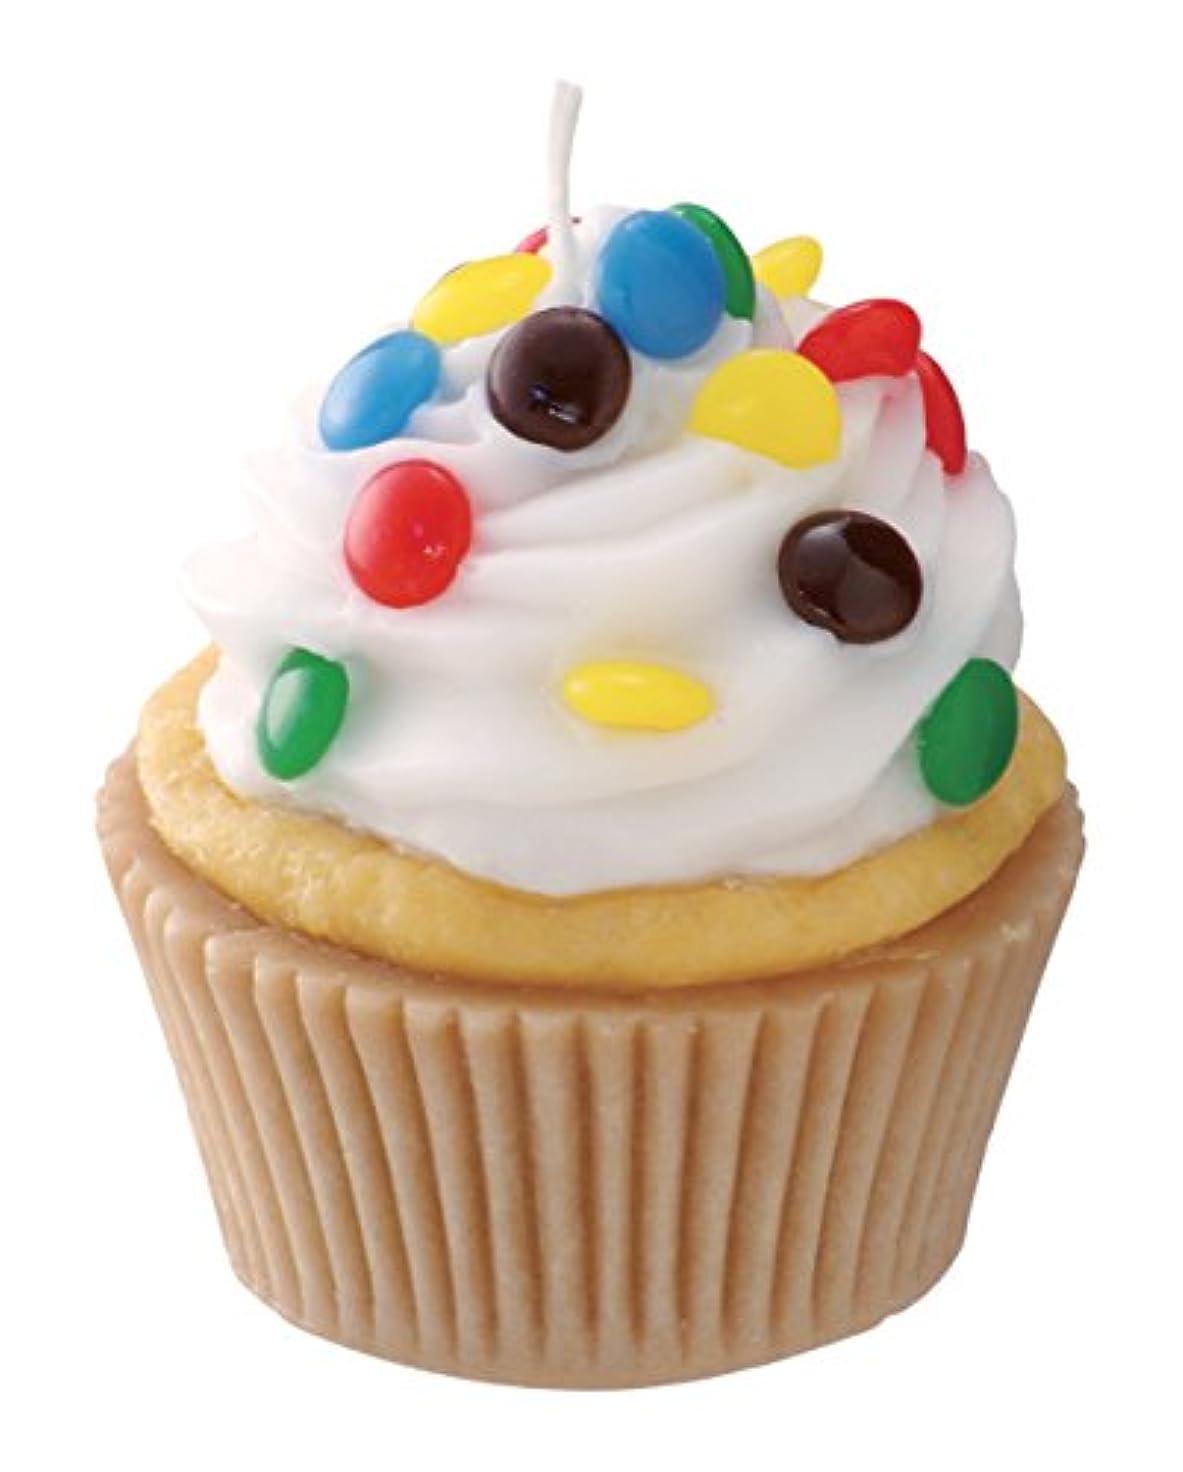 便益編集者孤児カメヤマキャンドルハウス 本物そっくり! アメリカンカップケーキキャンドル ホワイトクリーム チョコレートの香り